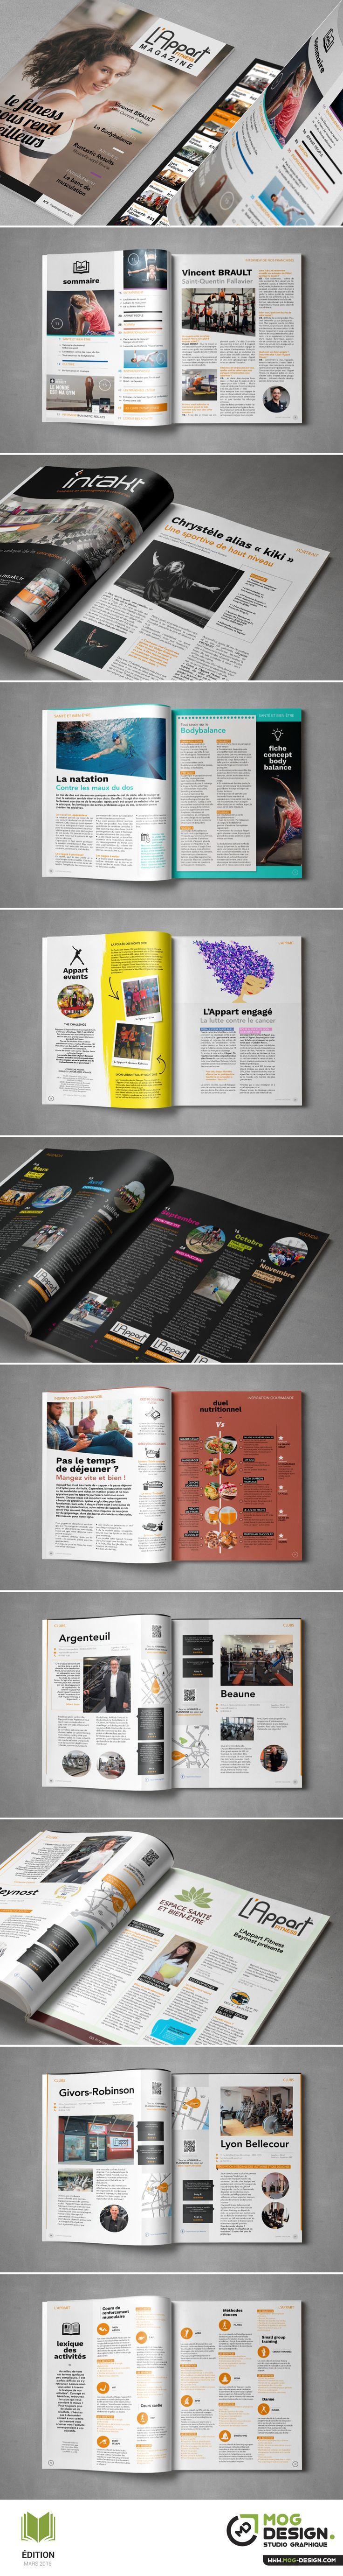 Vous avez enregistré sur BOOK - Édition / Magazine L'Appart Fitness. Charte graphique Mars 2016. Maquette + Mise en page : MOG DESIGN